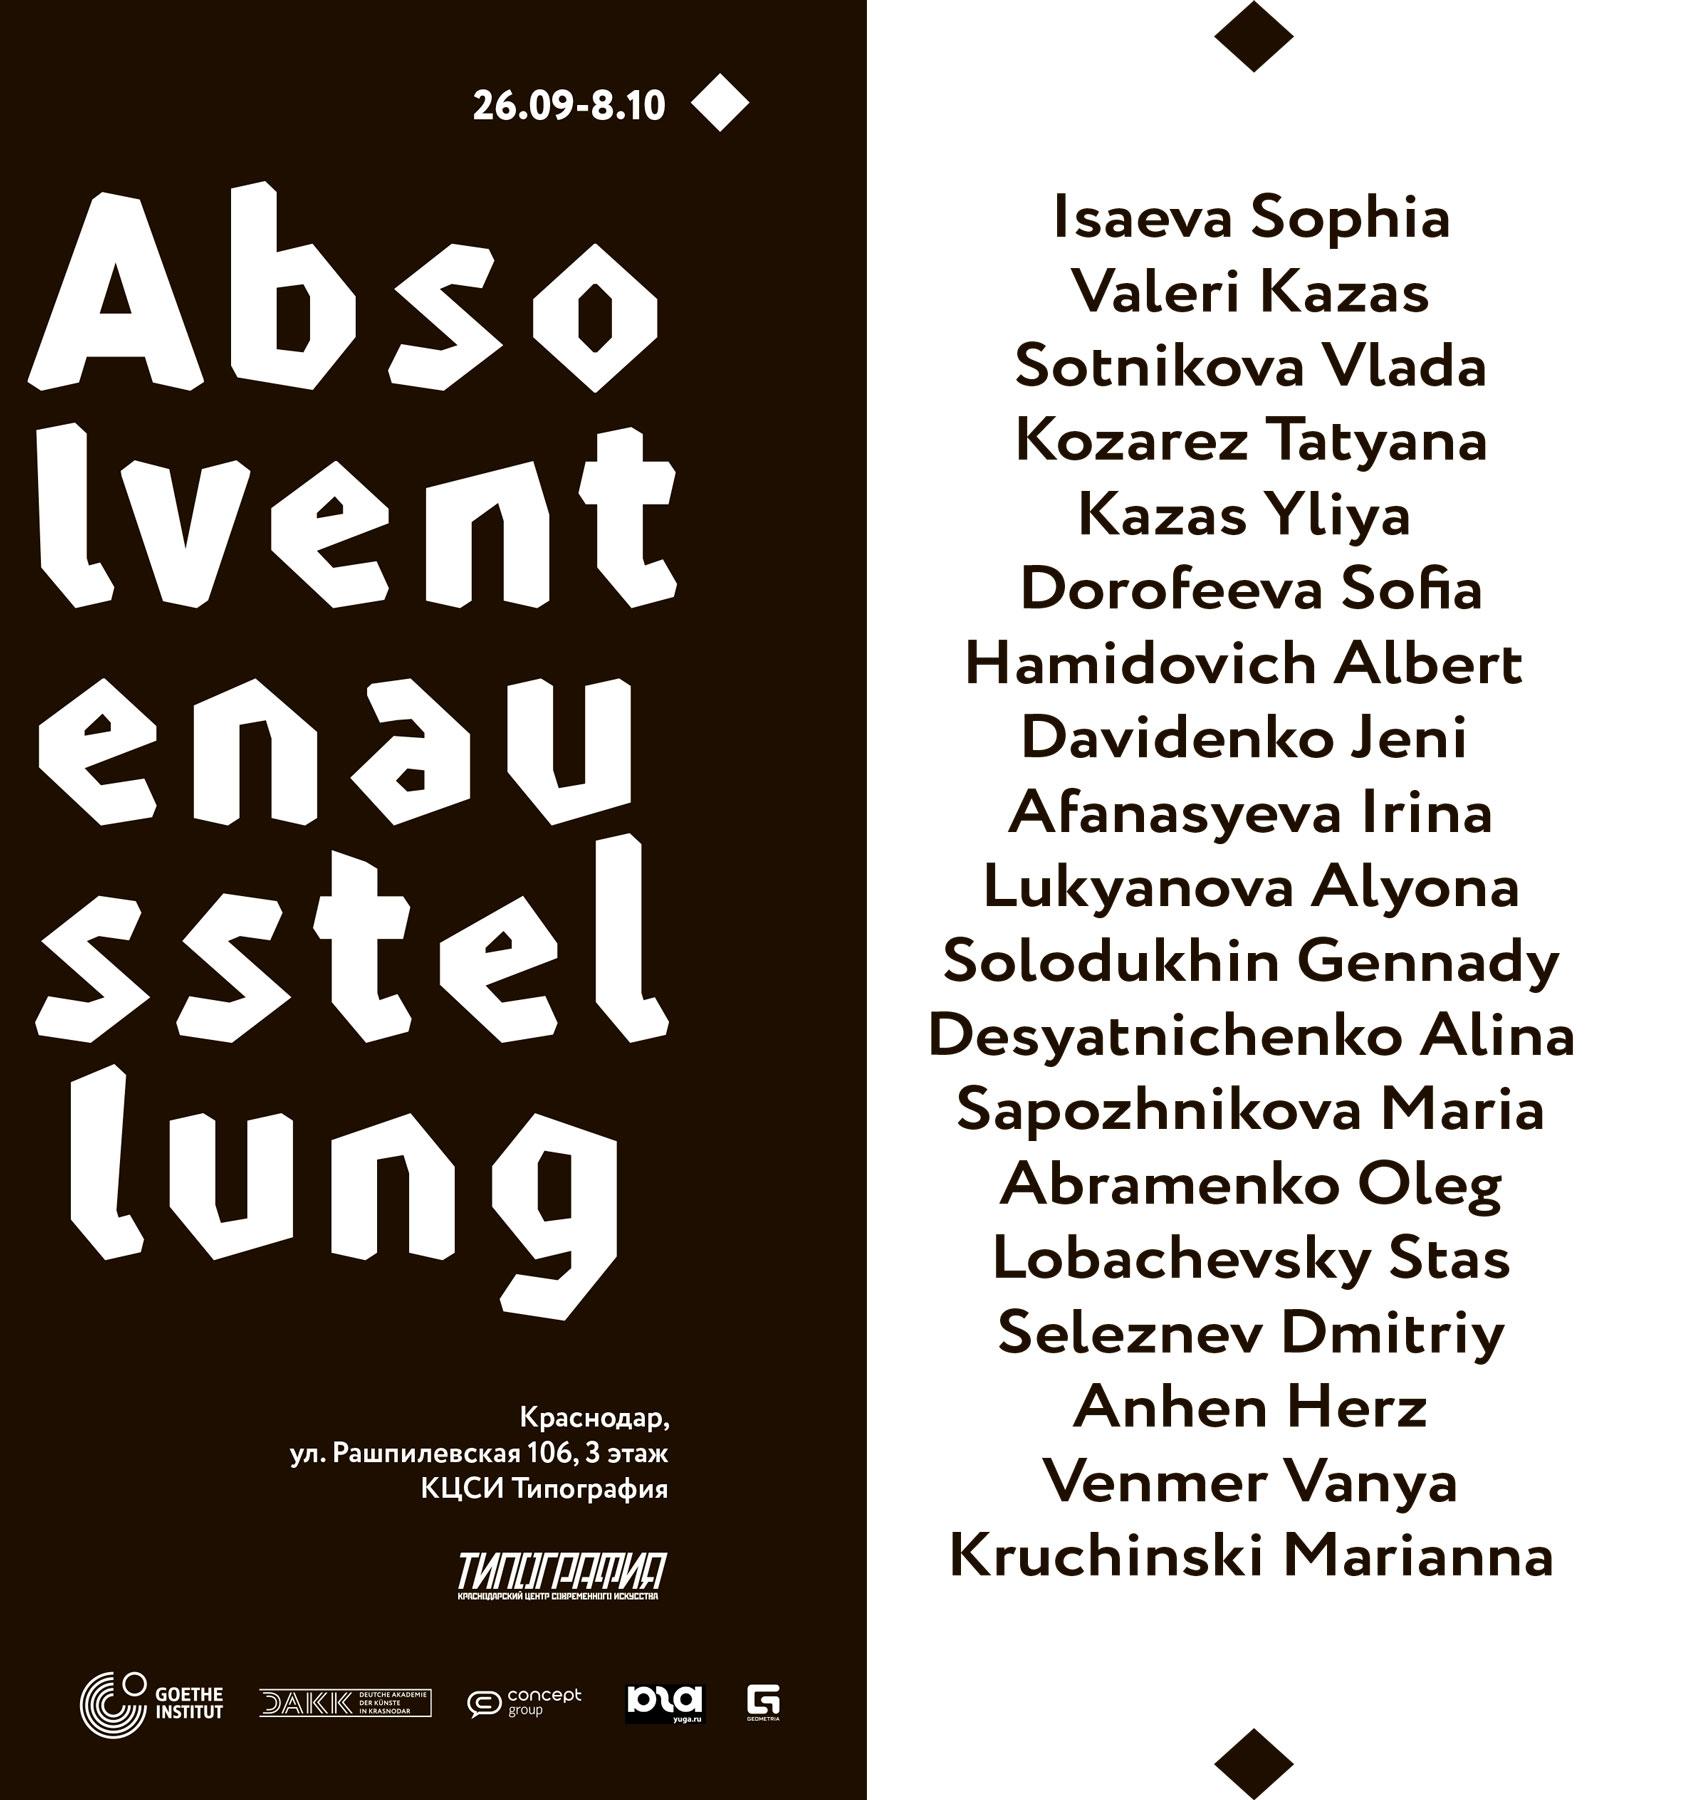 Фотоотчет с выпускной выставки Absolventenausstellung академии DAKK